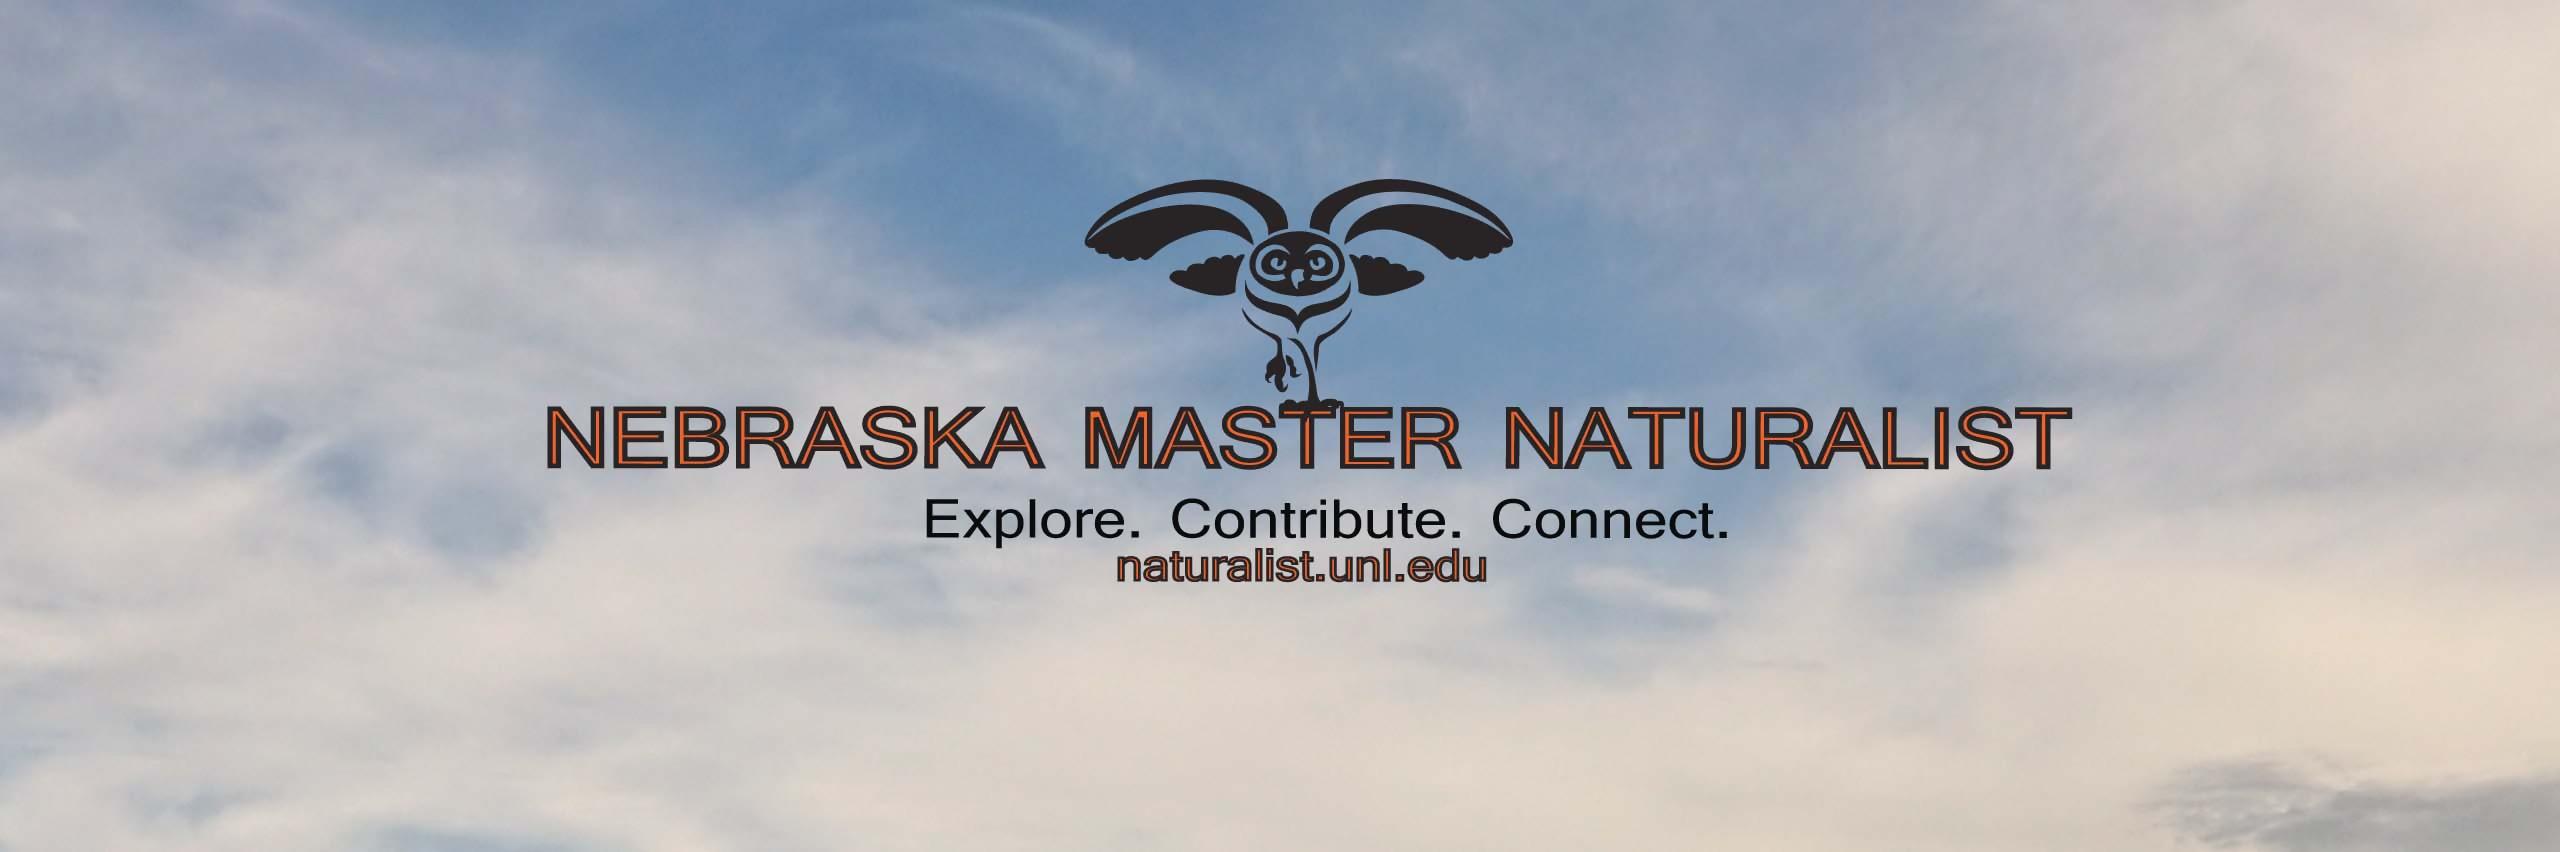 NEMasterNaturalist